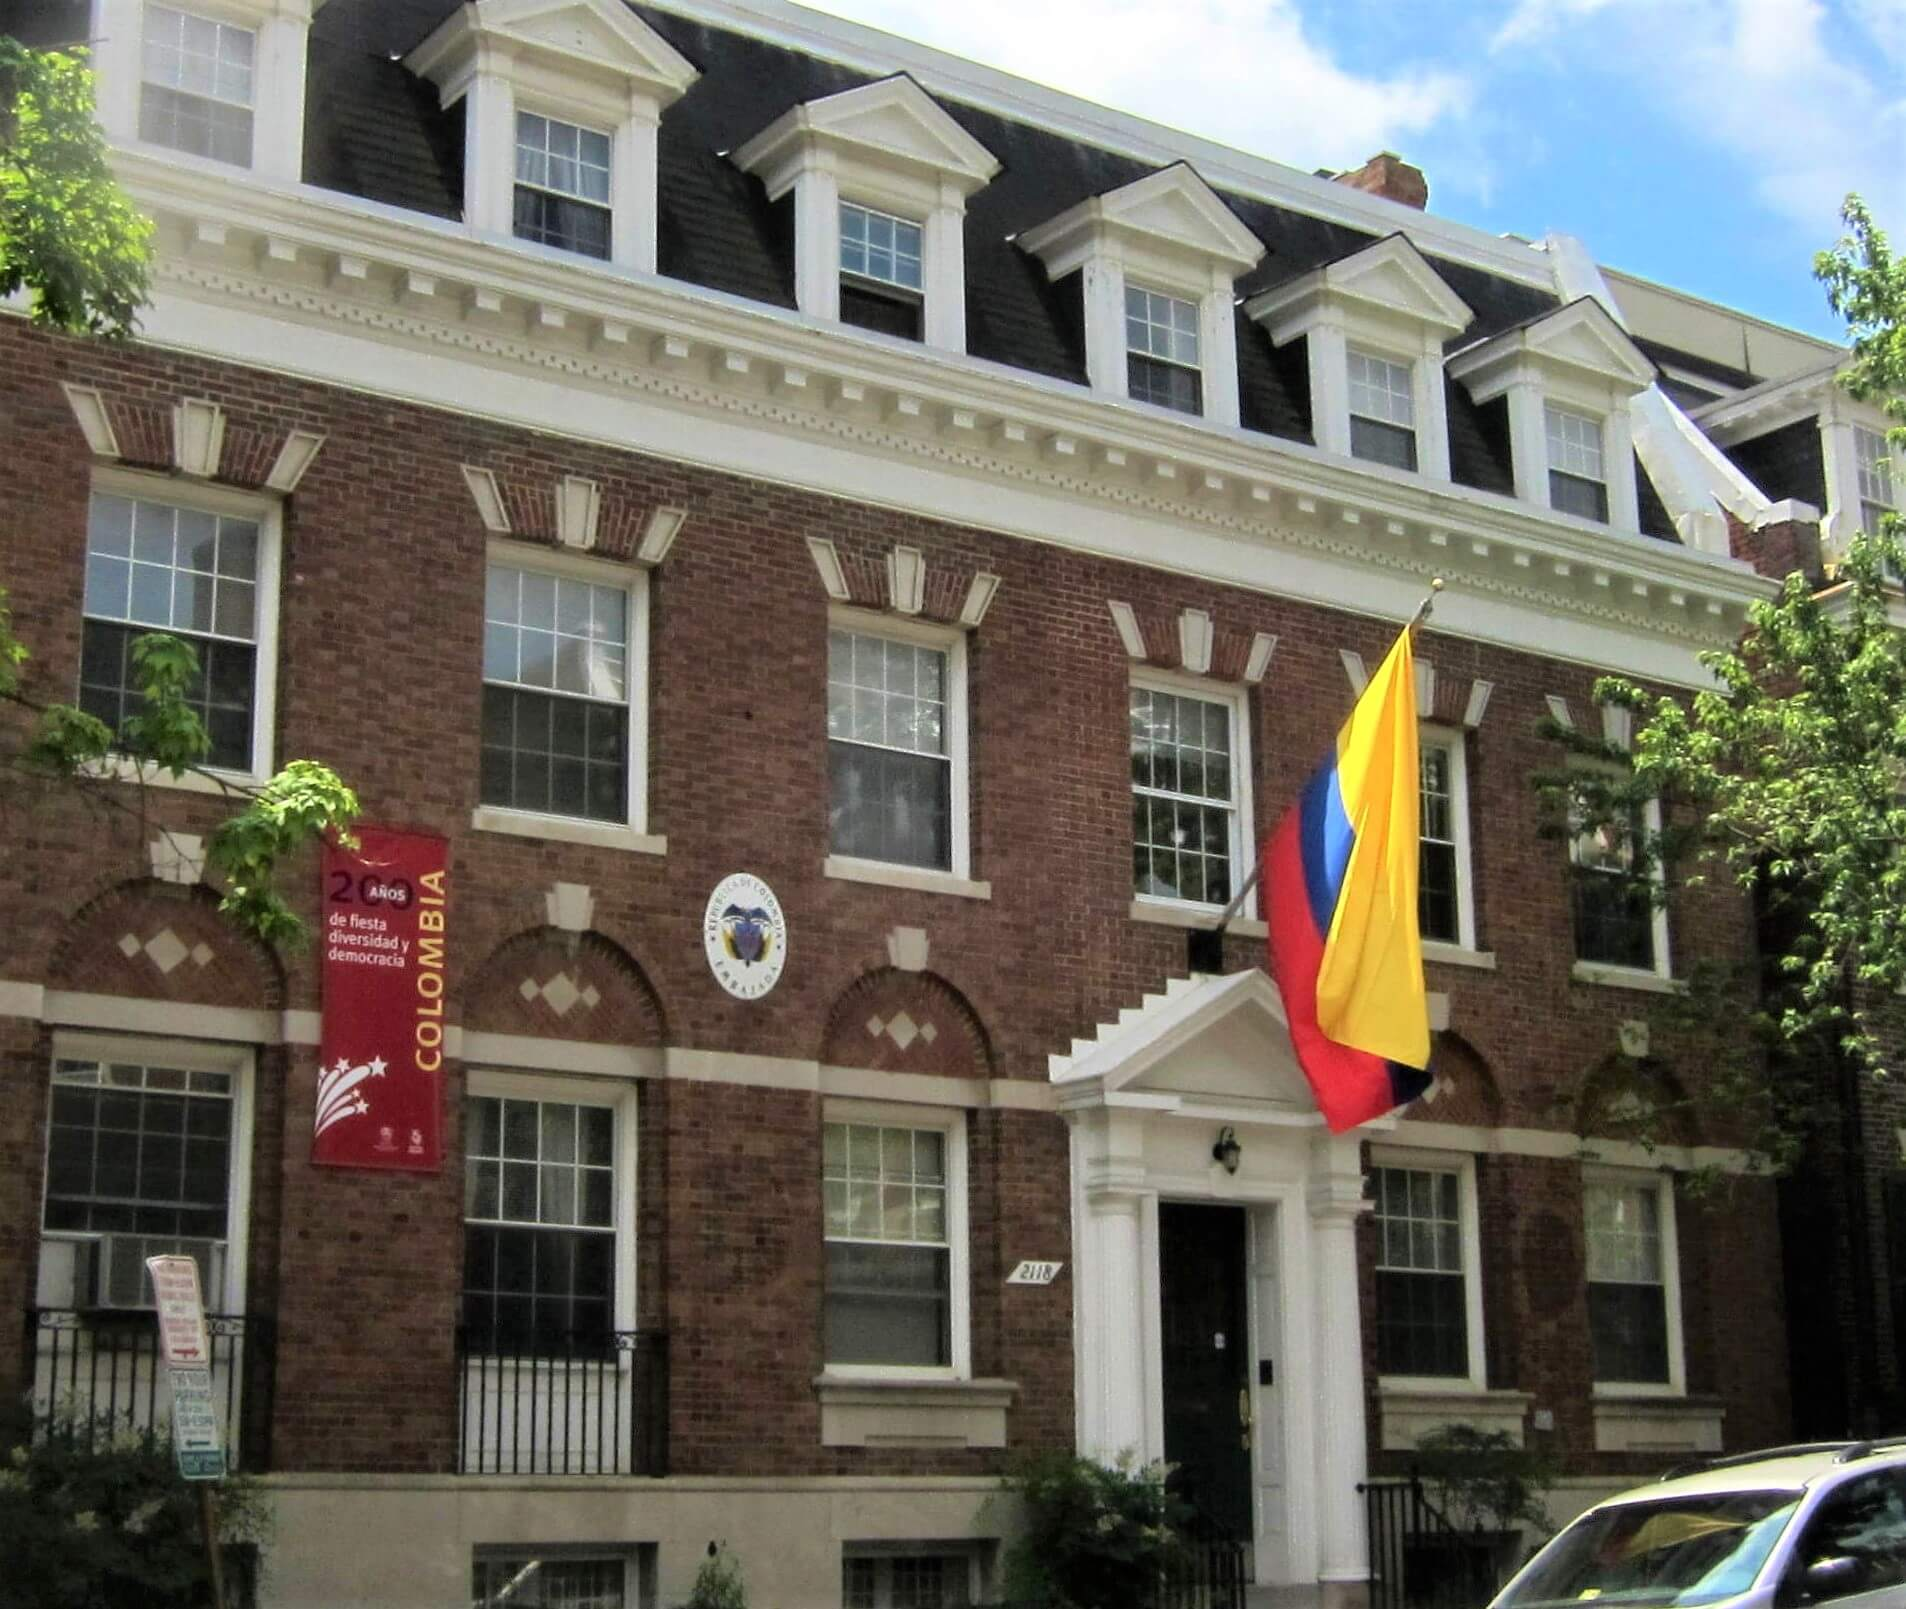 viajar solo al extranjero - conoce la embajada de tu pais